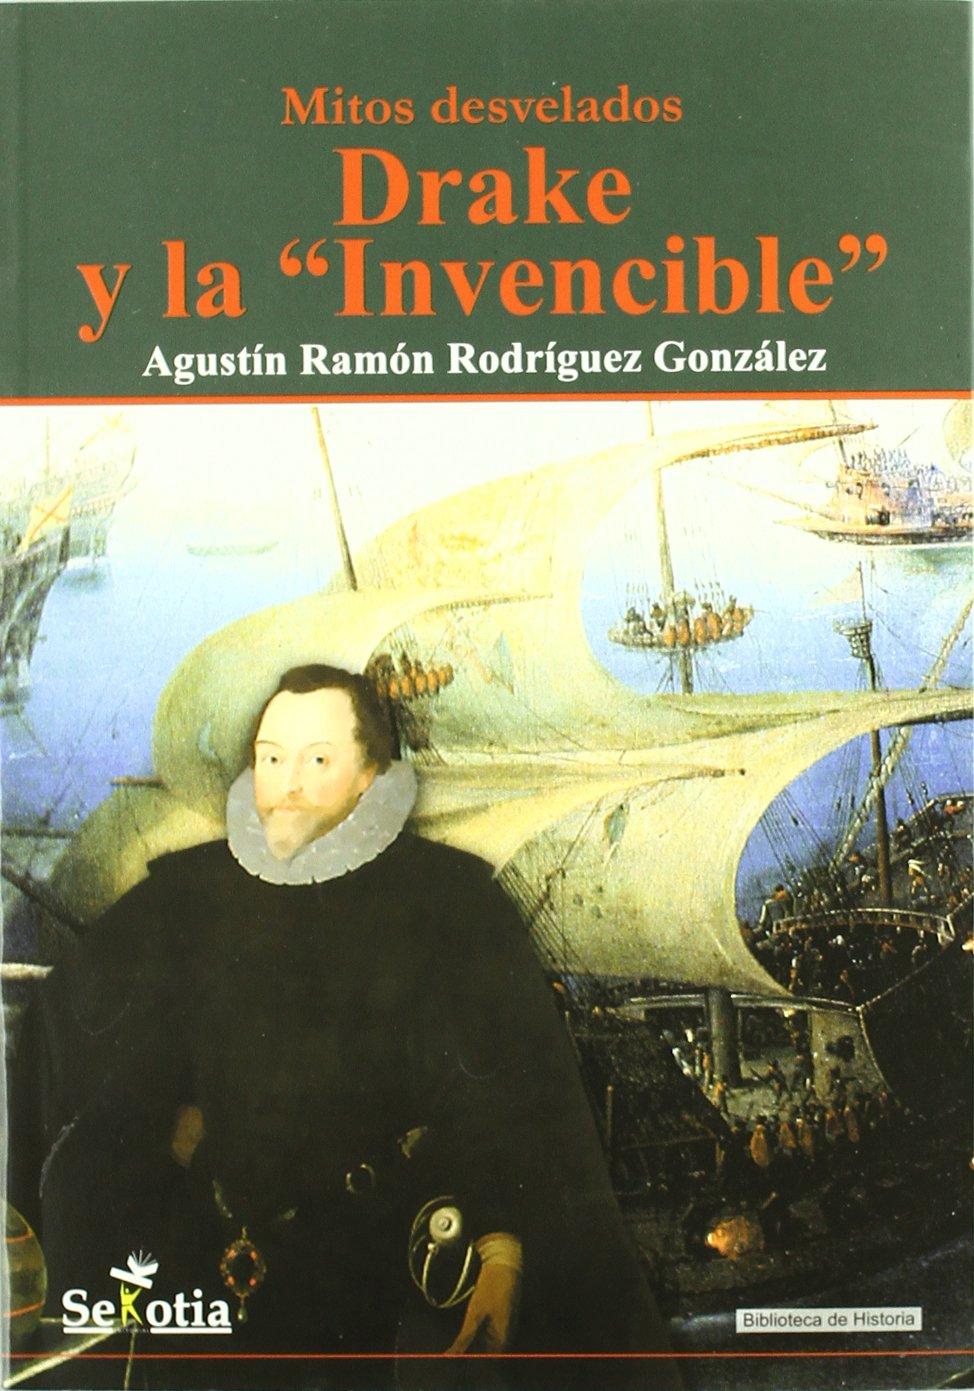 Drake y la invencible - mitos desvelado (Biblioteca De Historia) Tapa blanda – 3 abr 2012 Sekotia S.L. 8496899756 2241041